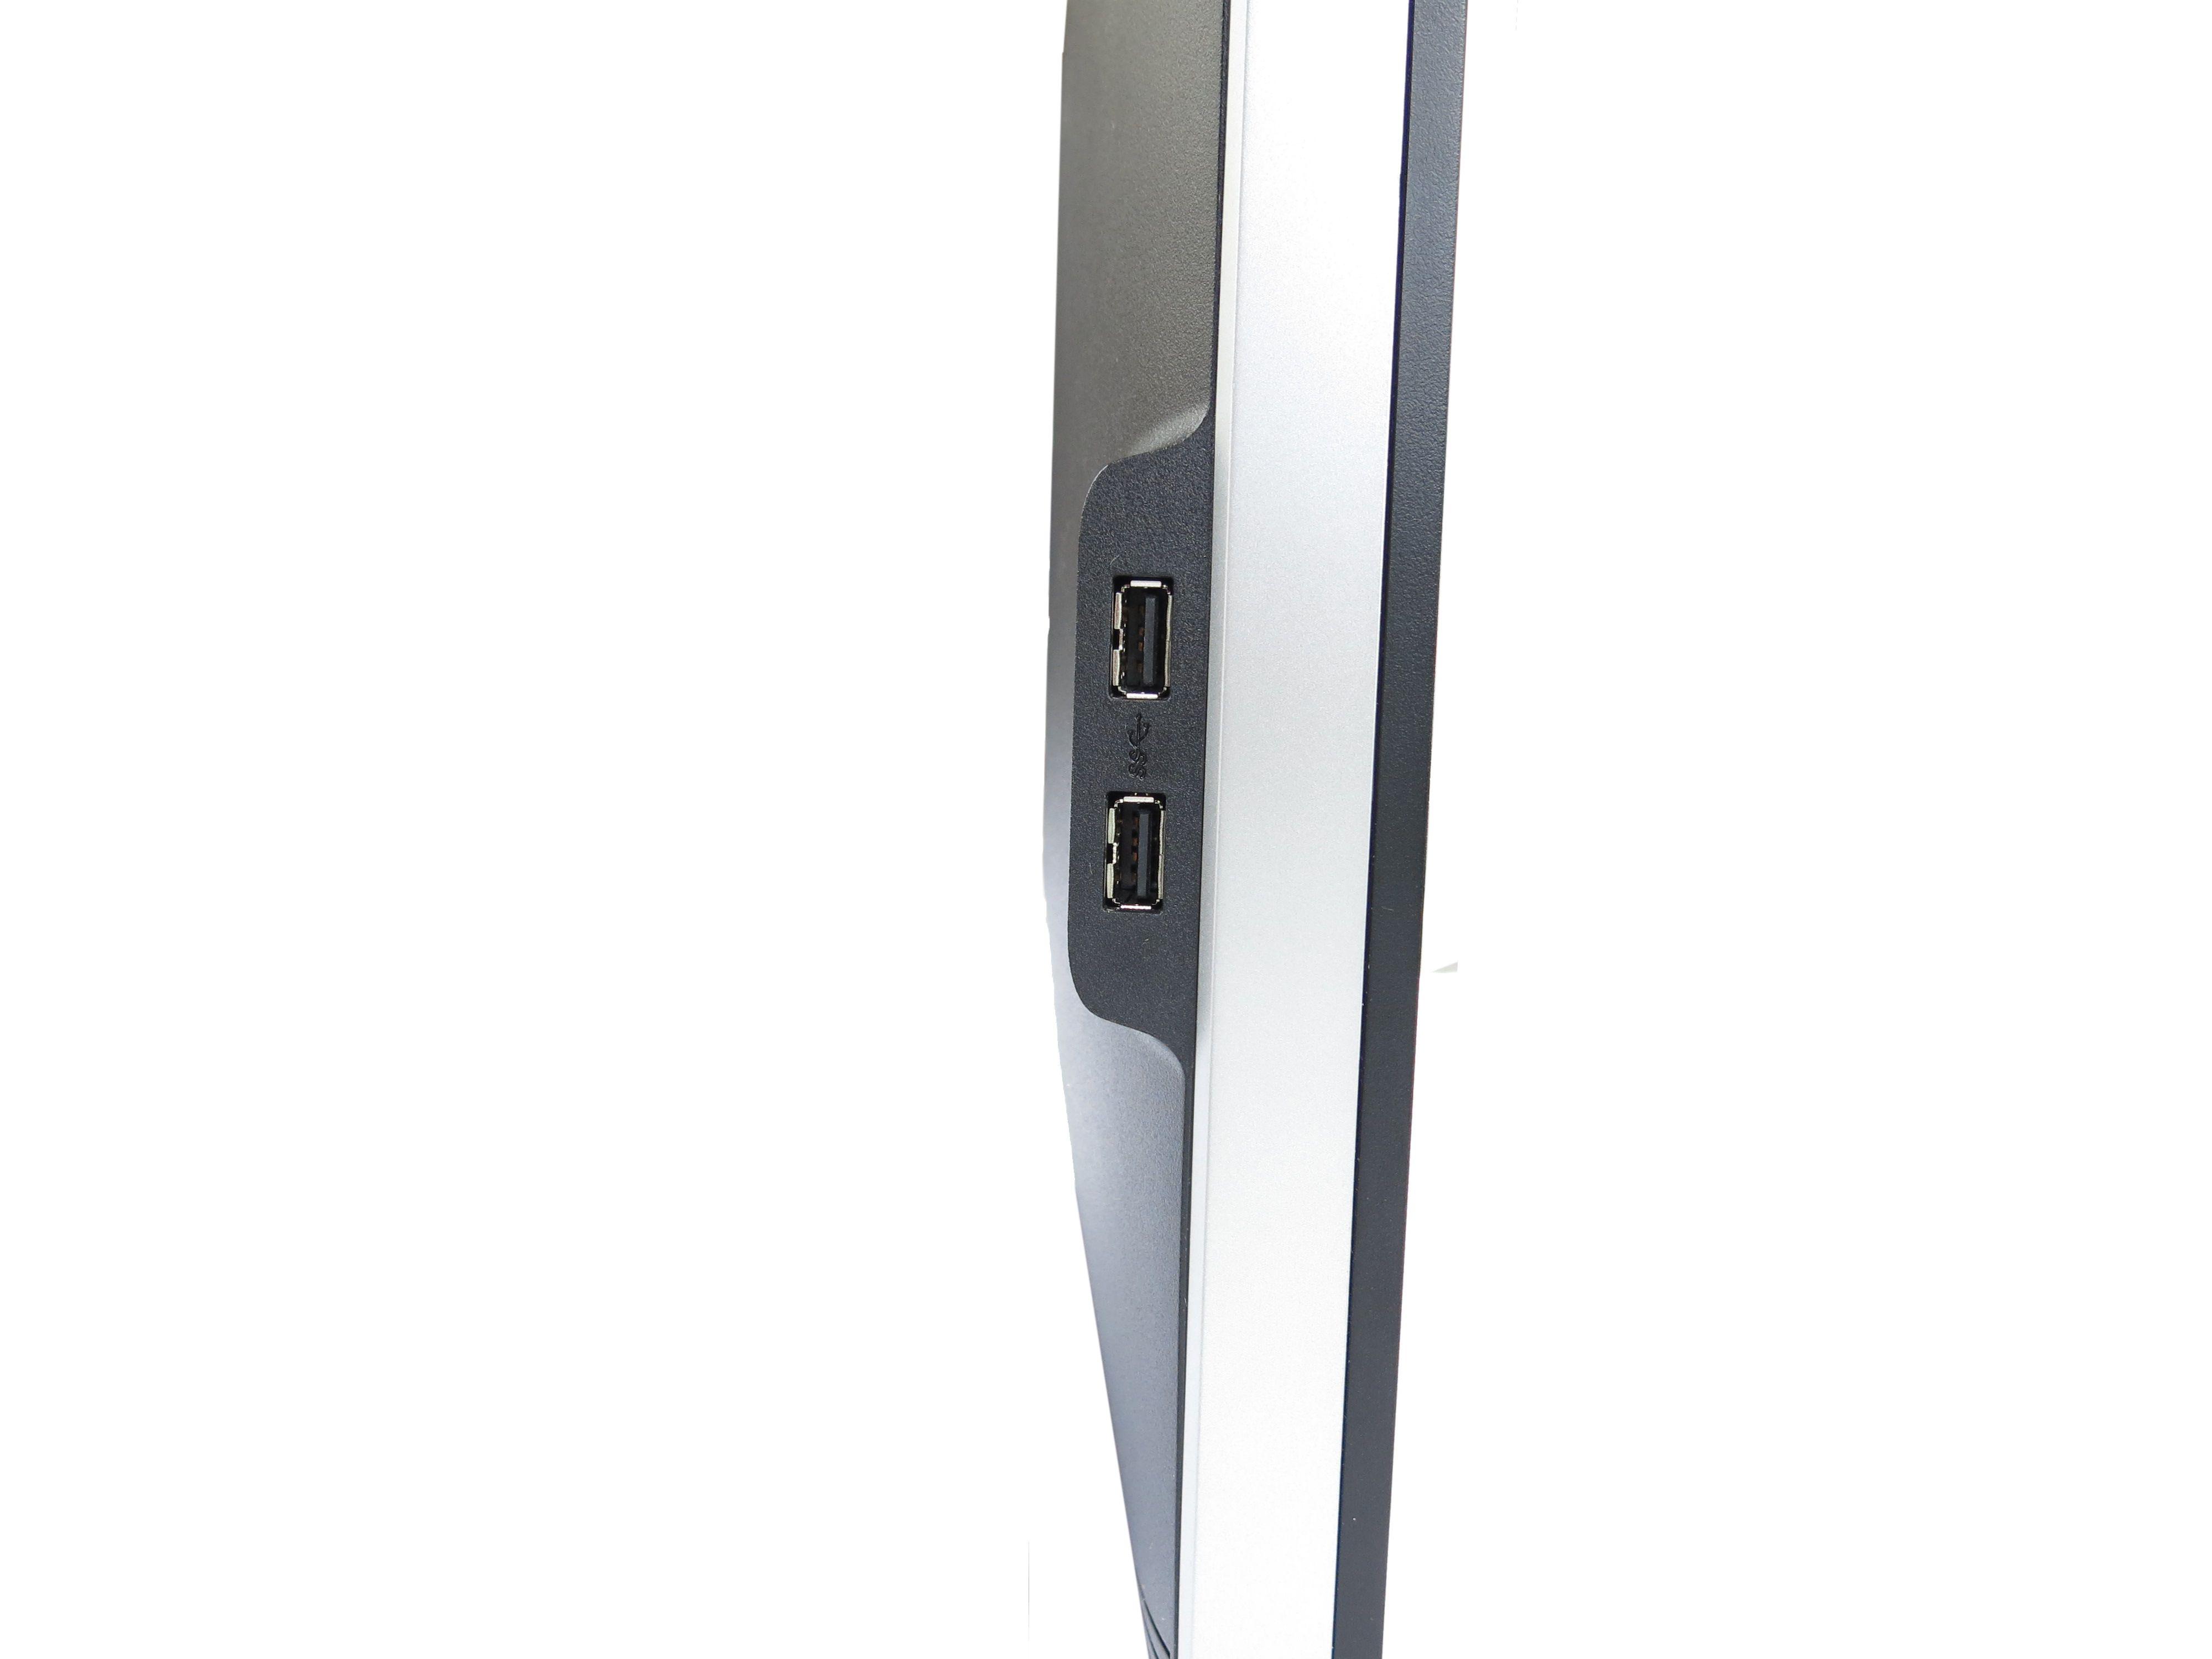 To av fire USB 3.0 utganger.